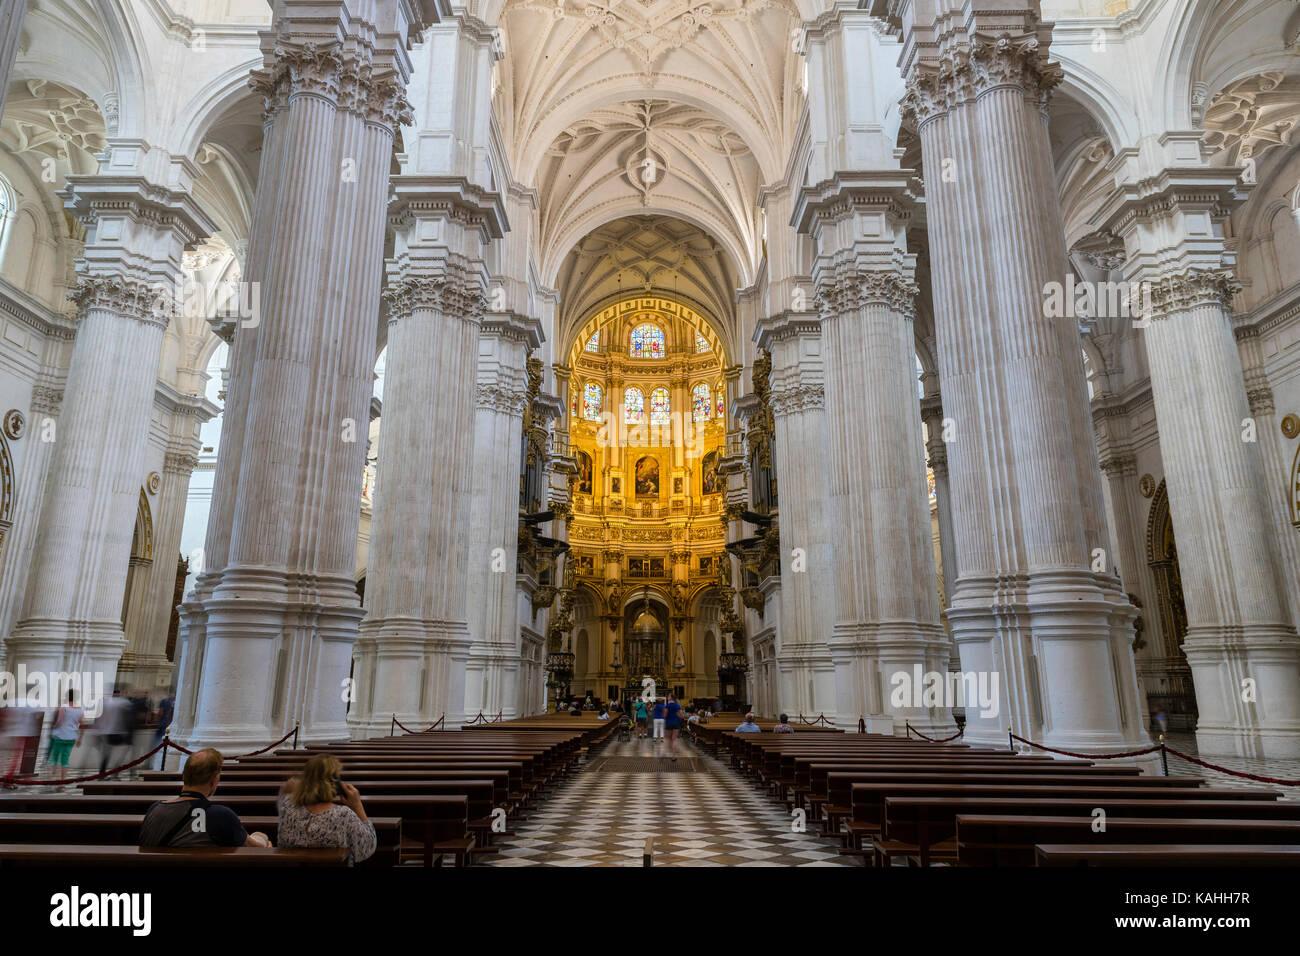 Santa maria mayor cathedral stock photos santa maria - El puerto de santa maria granada ...